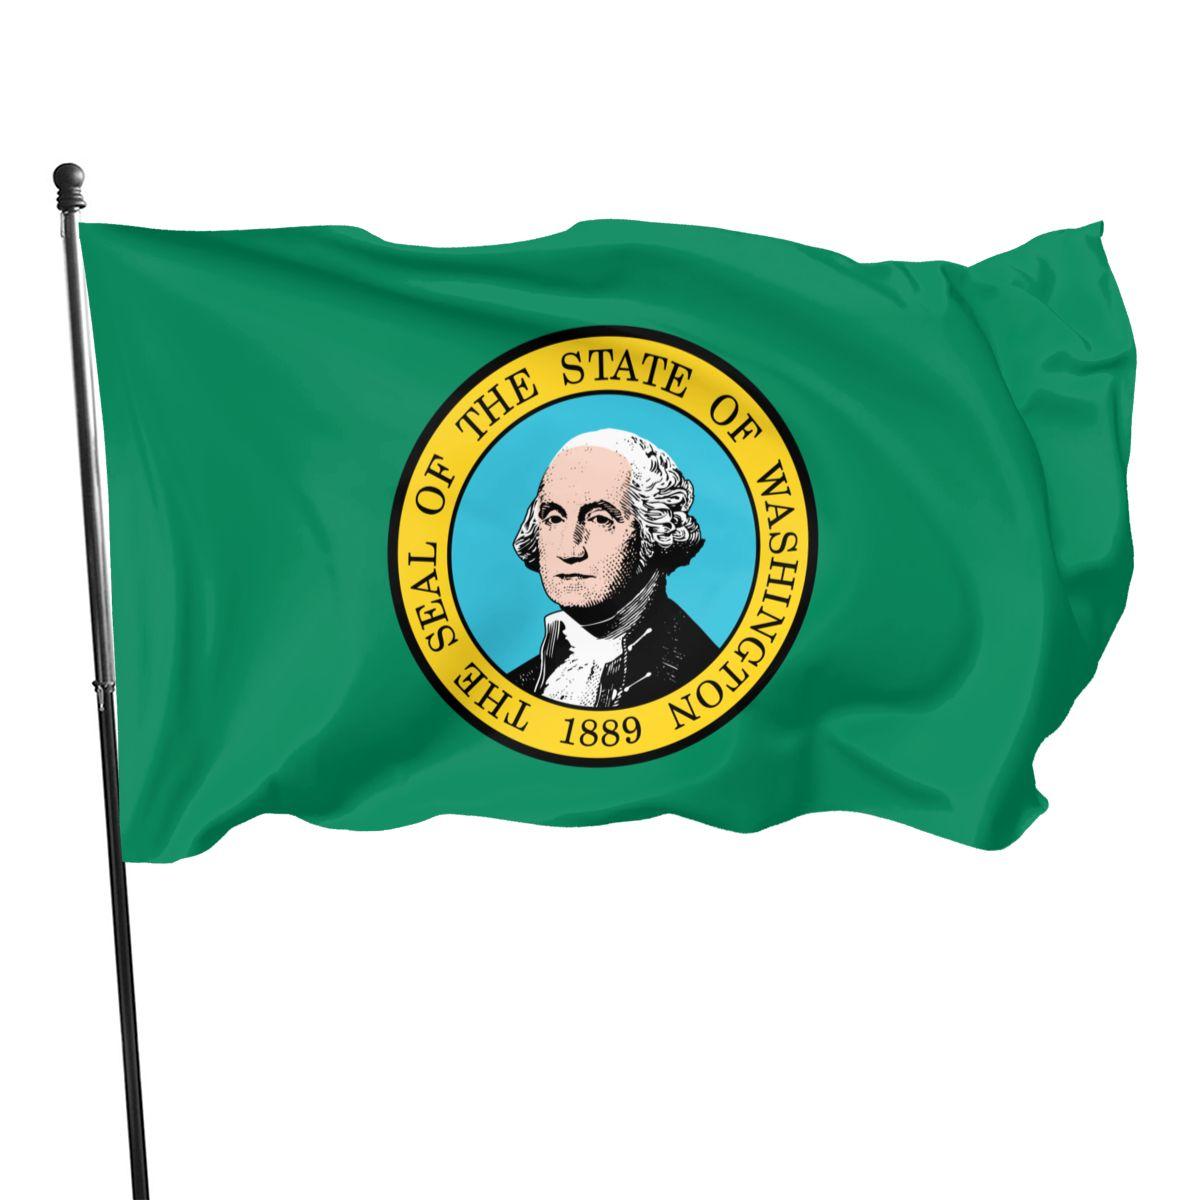 Флаг Штата Вашингтон 90x150 см, декоративные баннеры для внутренней и внешней отделки